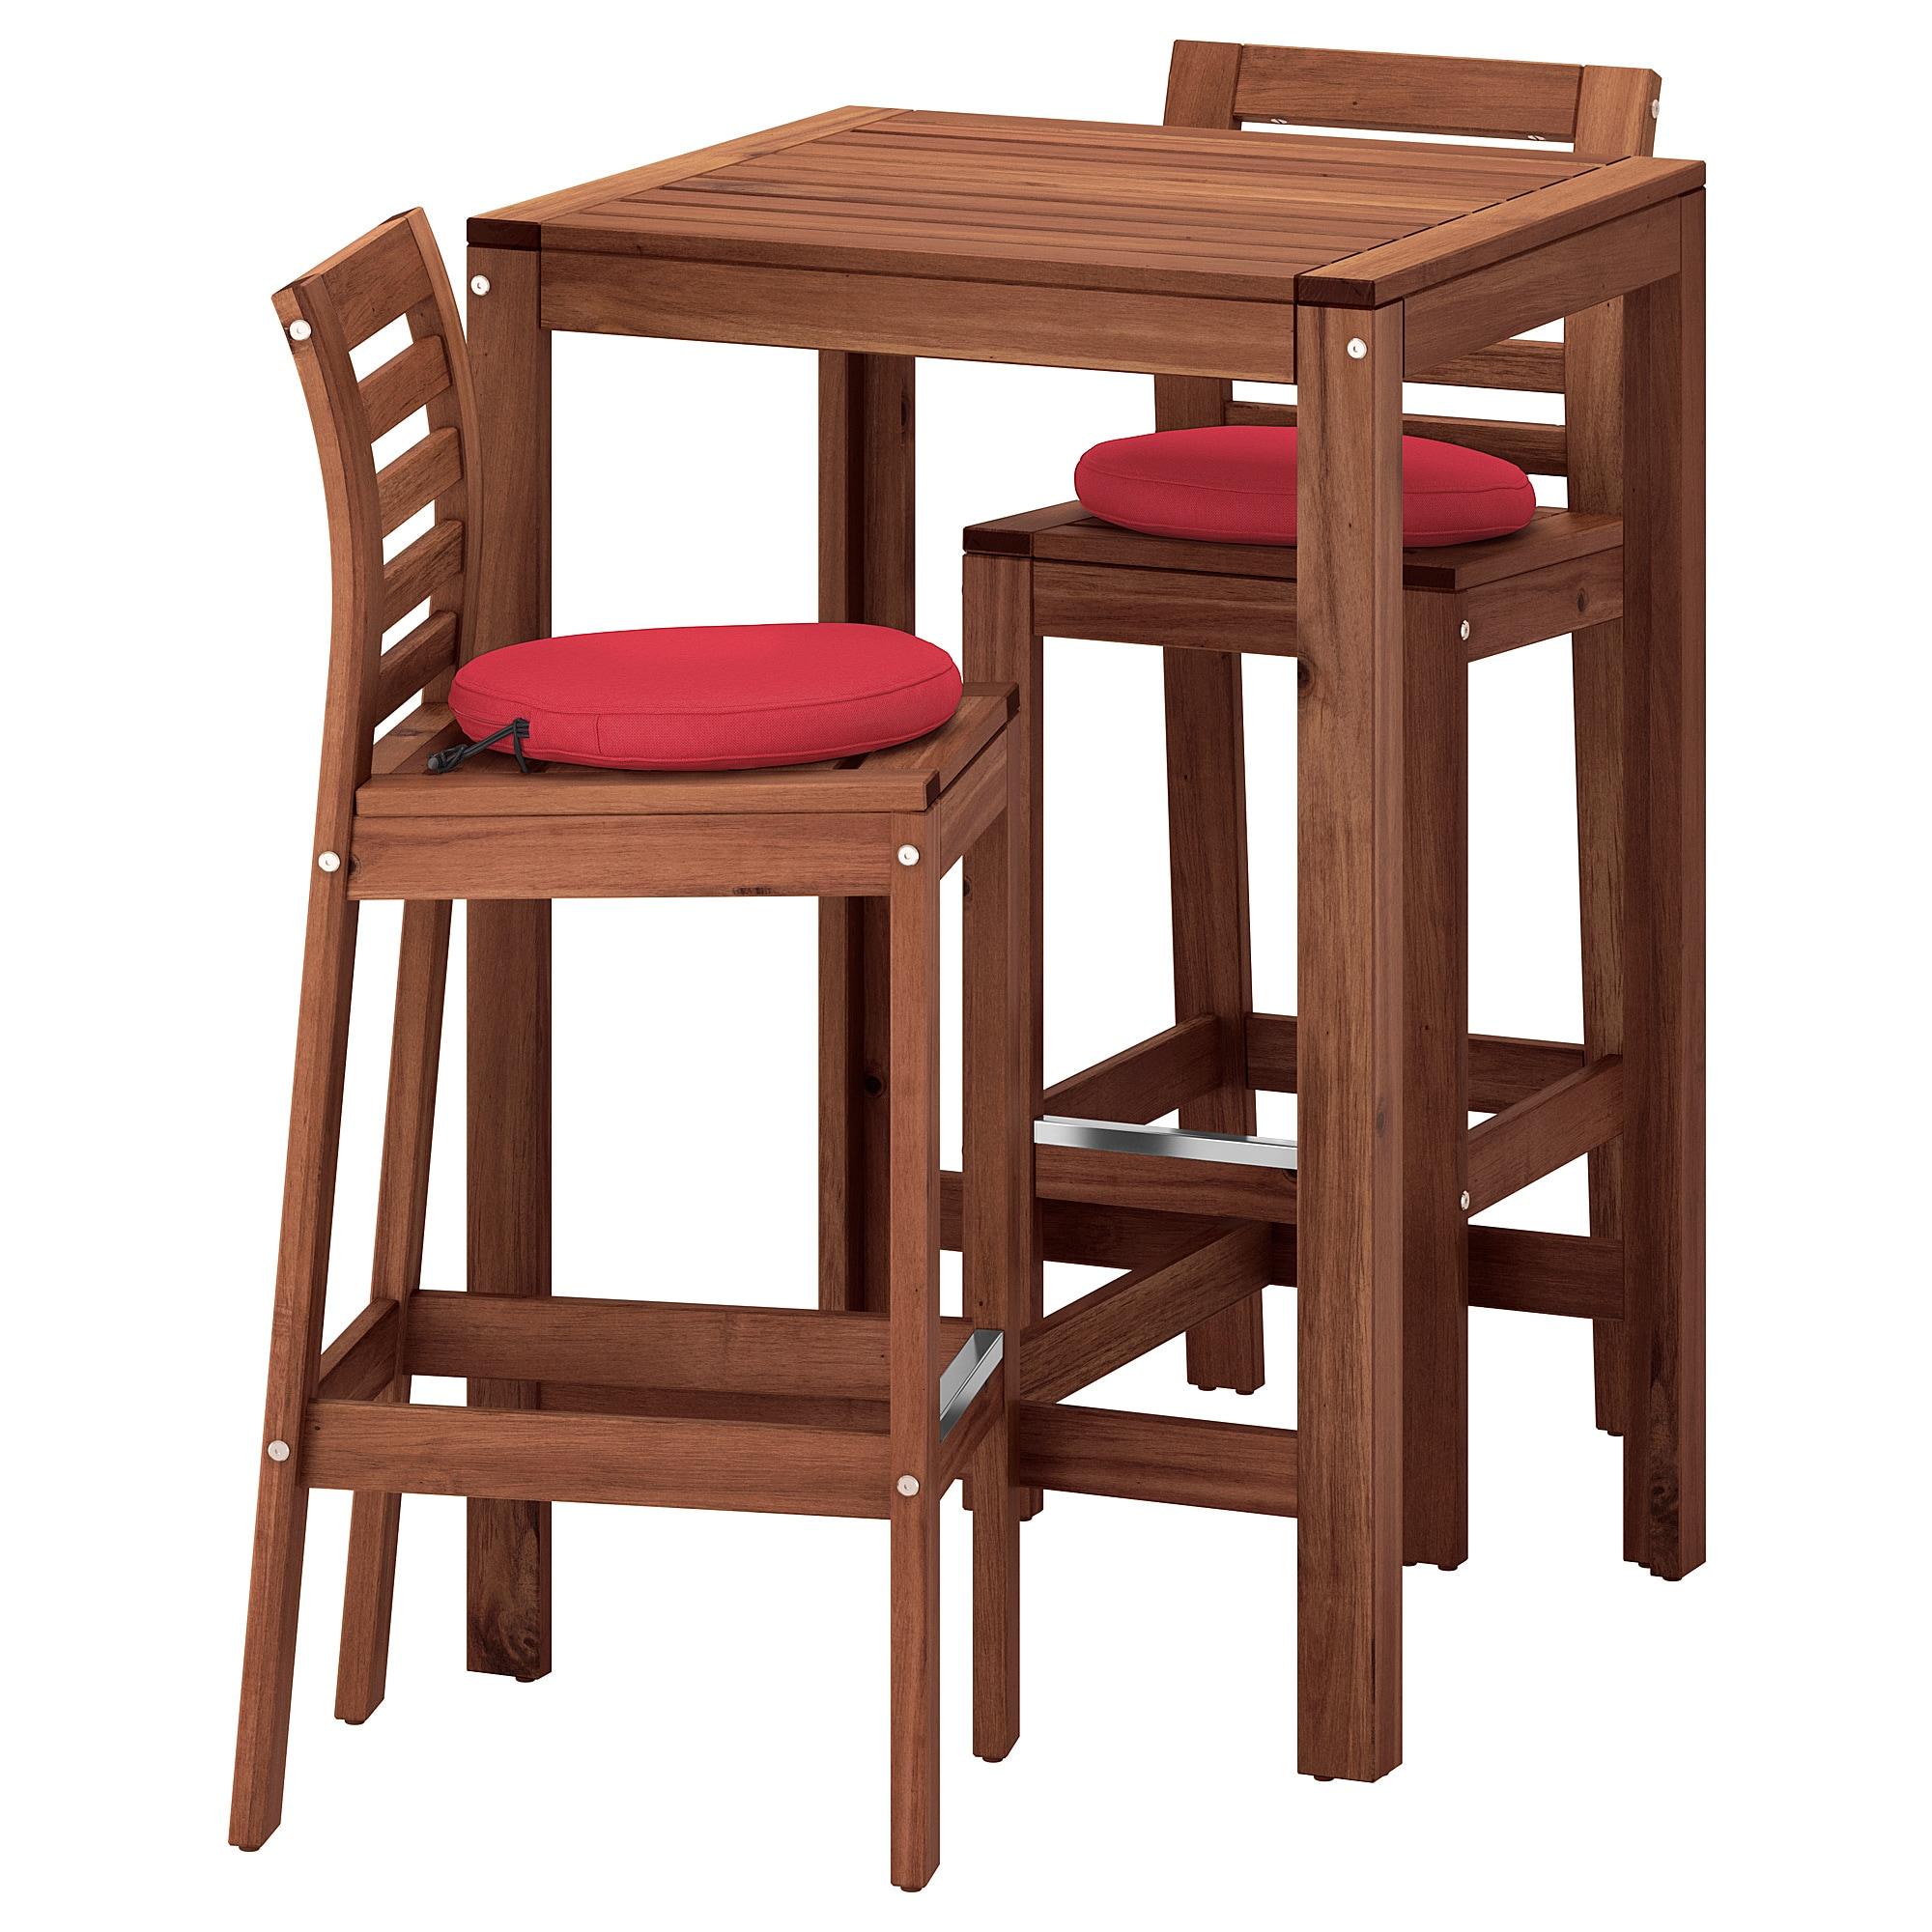 Full Size of Bartisch Ikea Pplar Sofa Mit Schlaffunktion Küche Betten Bei Modulküche 160x200 Kosten Miniküche Kaufen Wohnzimmer Bartisch Ikea